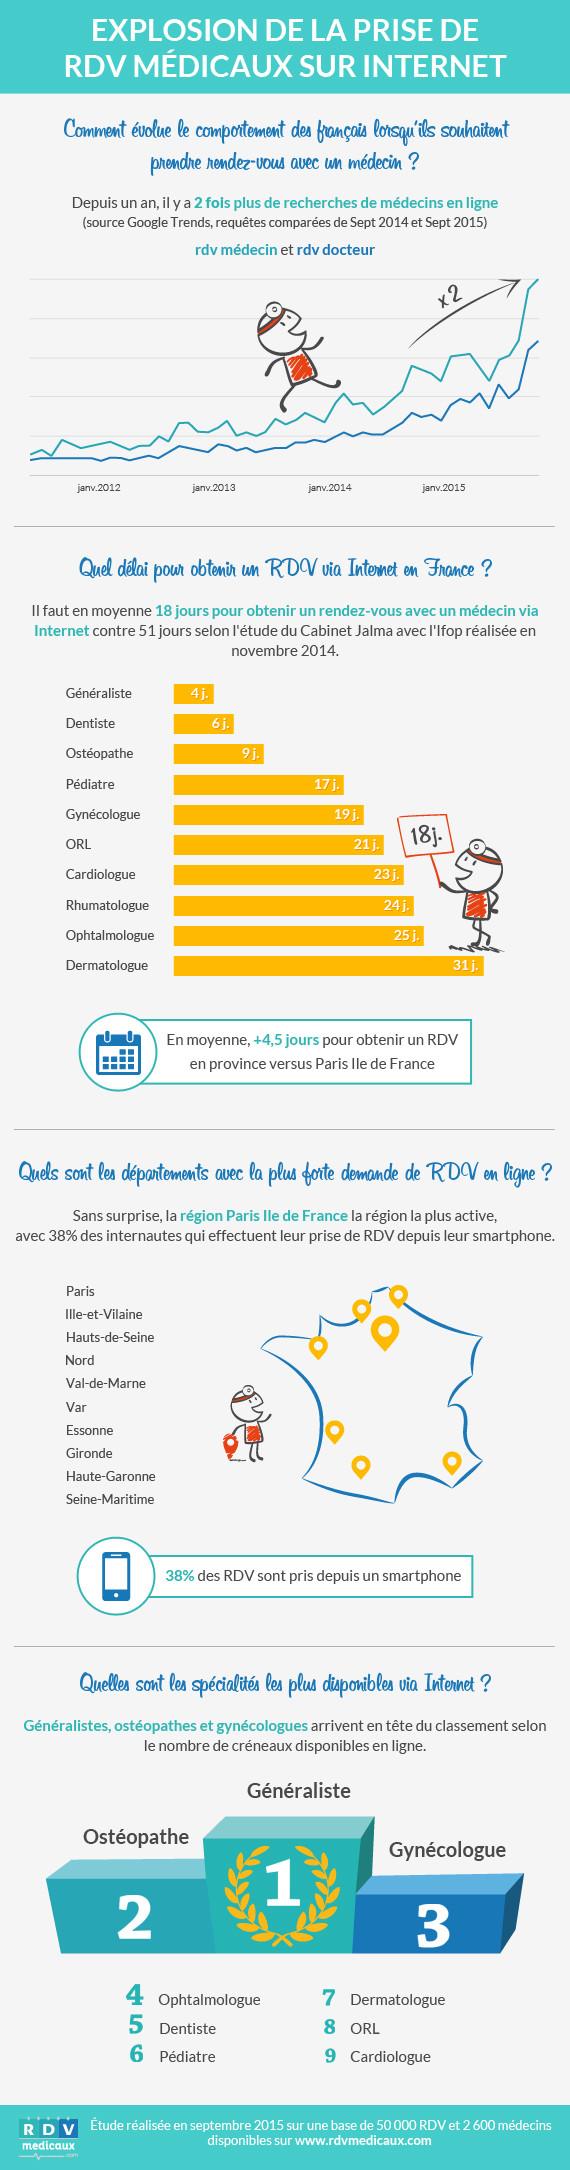 Chiffres clés du marché de la prise de rendez-vous médicaux en France